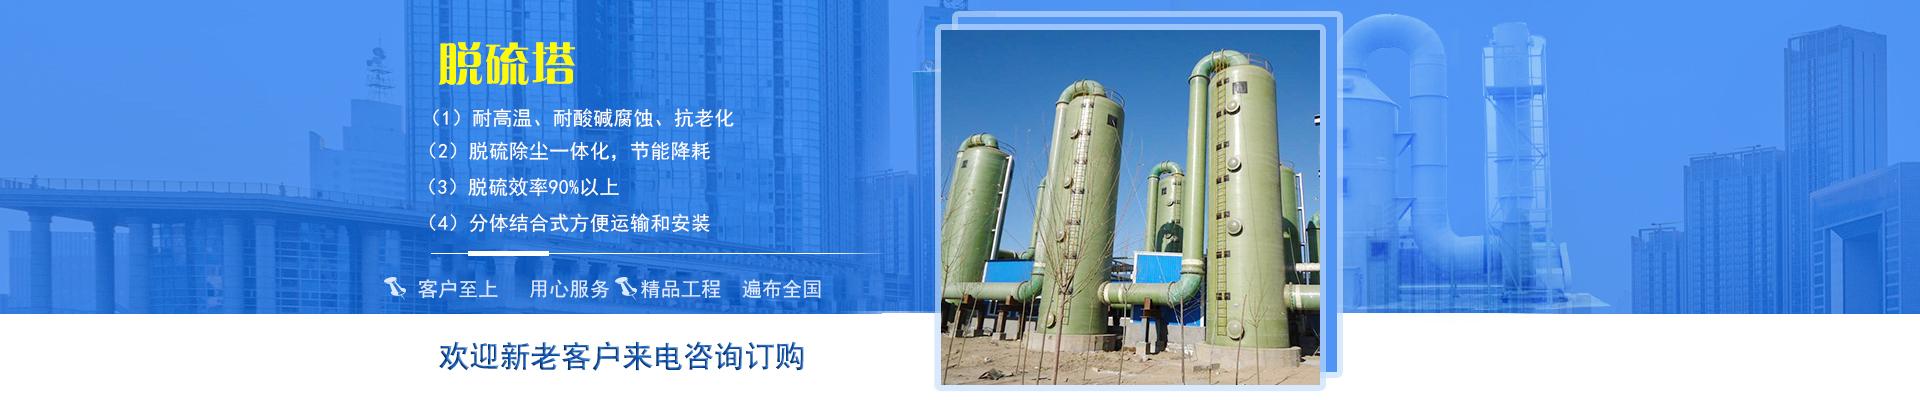 河北龙轩环保设备有限公司